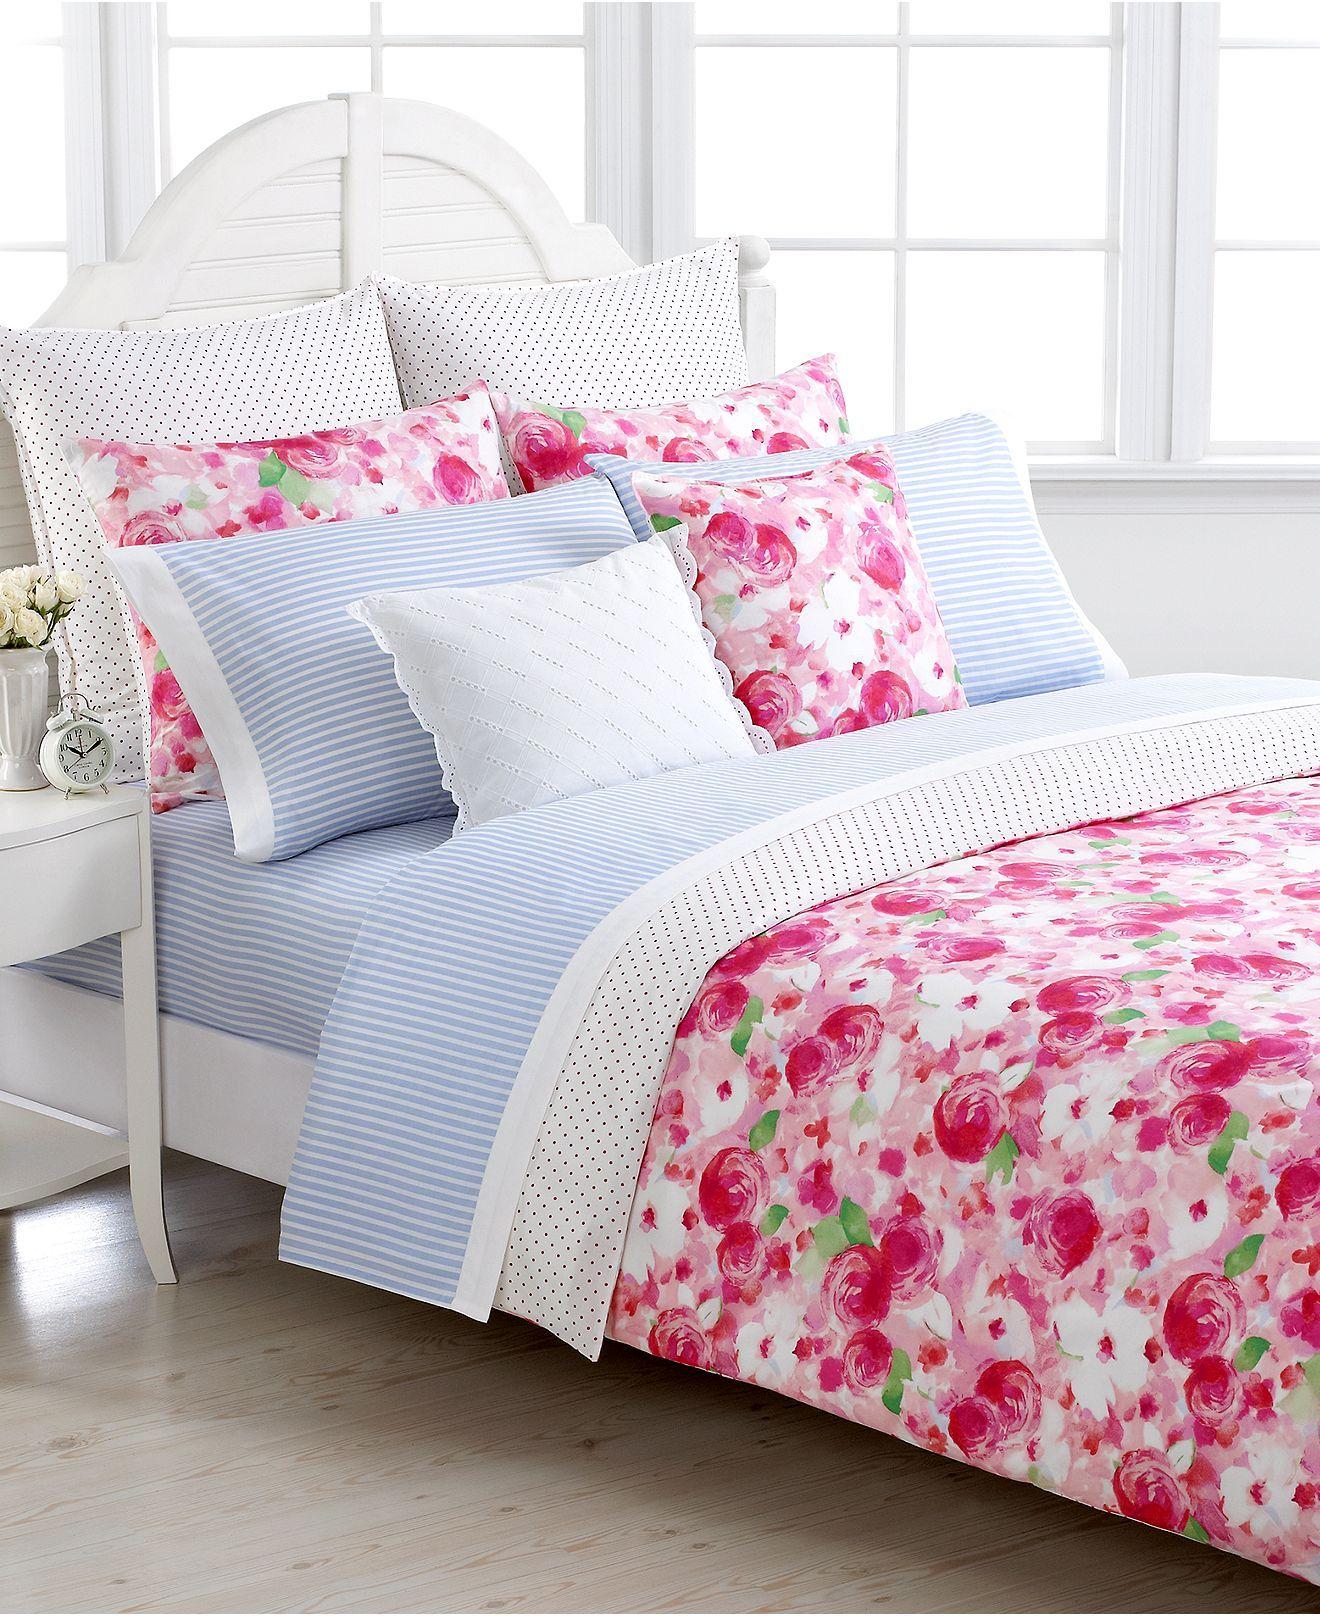 Tommy Hilfiger Bedding, Rose Cottage Full/Queen Duvet